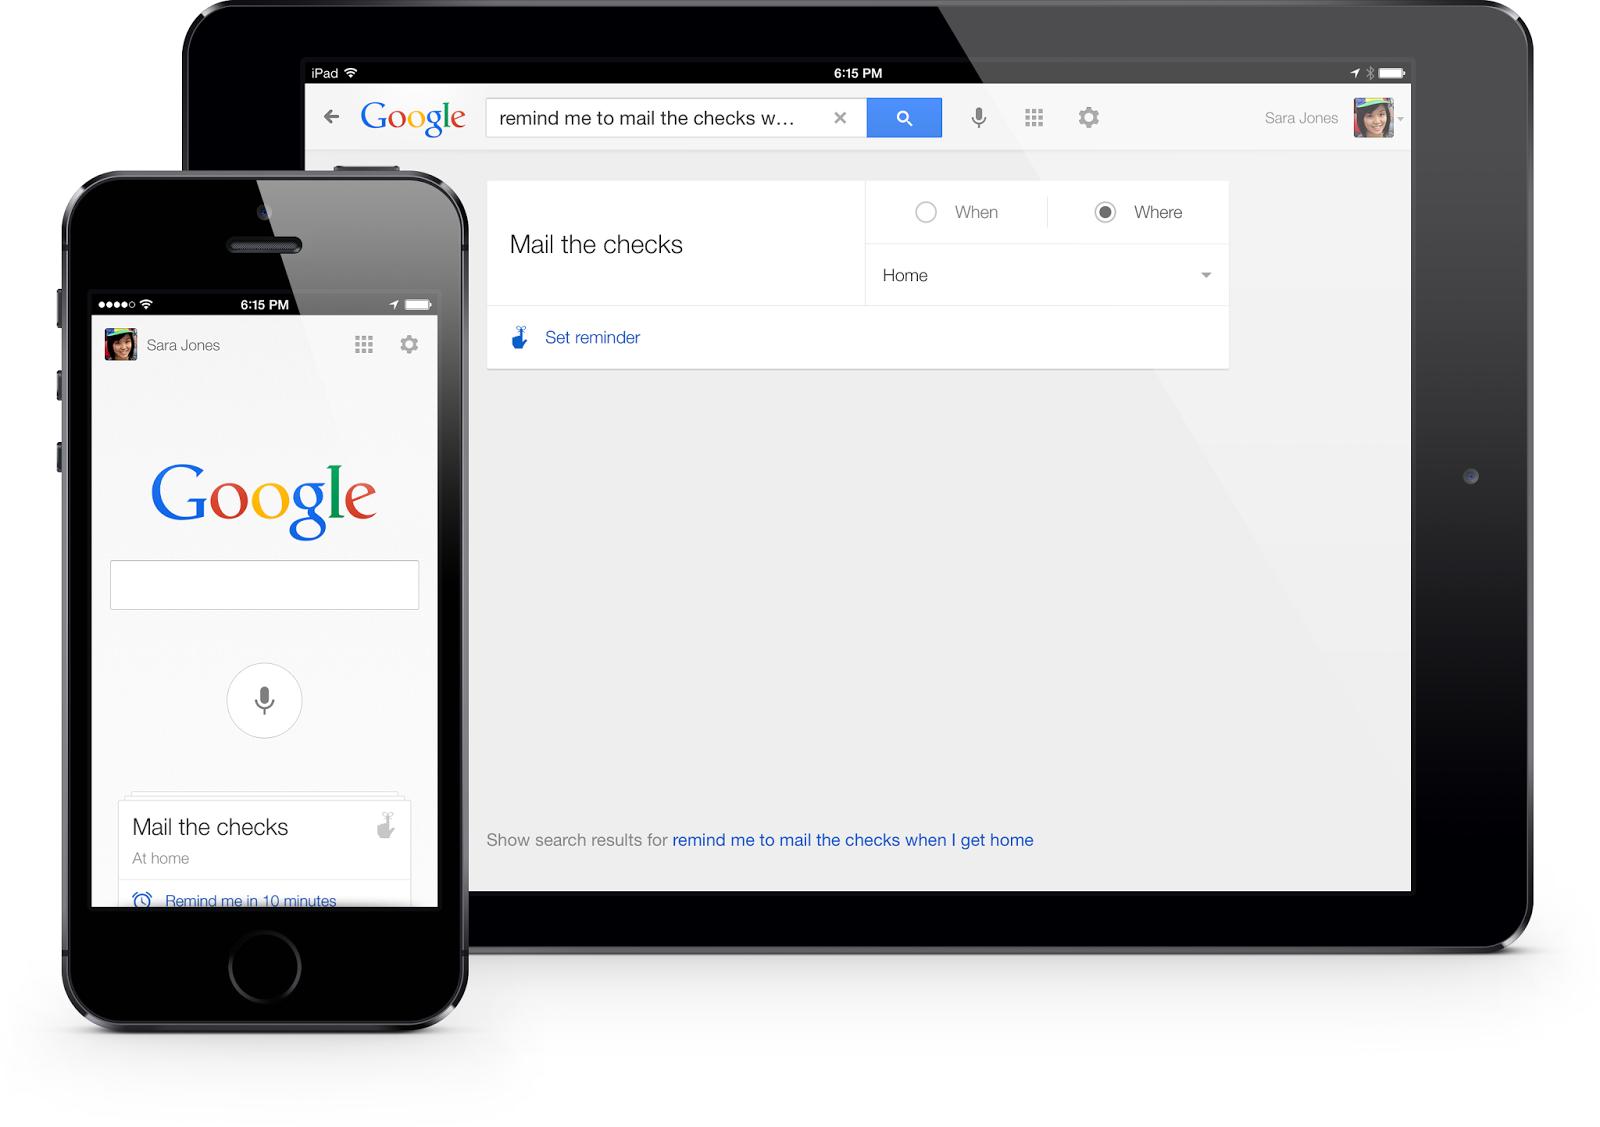 iOS: Google i nadále zůstane hlavním vyhledávačem, Applu zaplatí miliardy